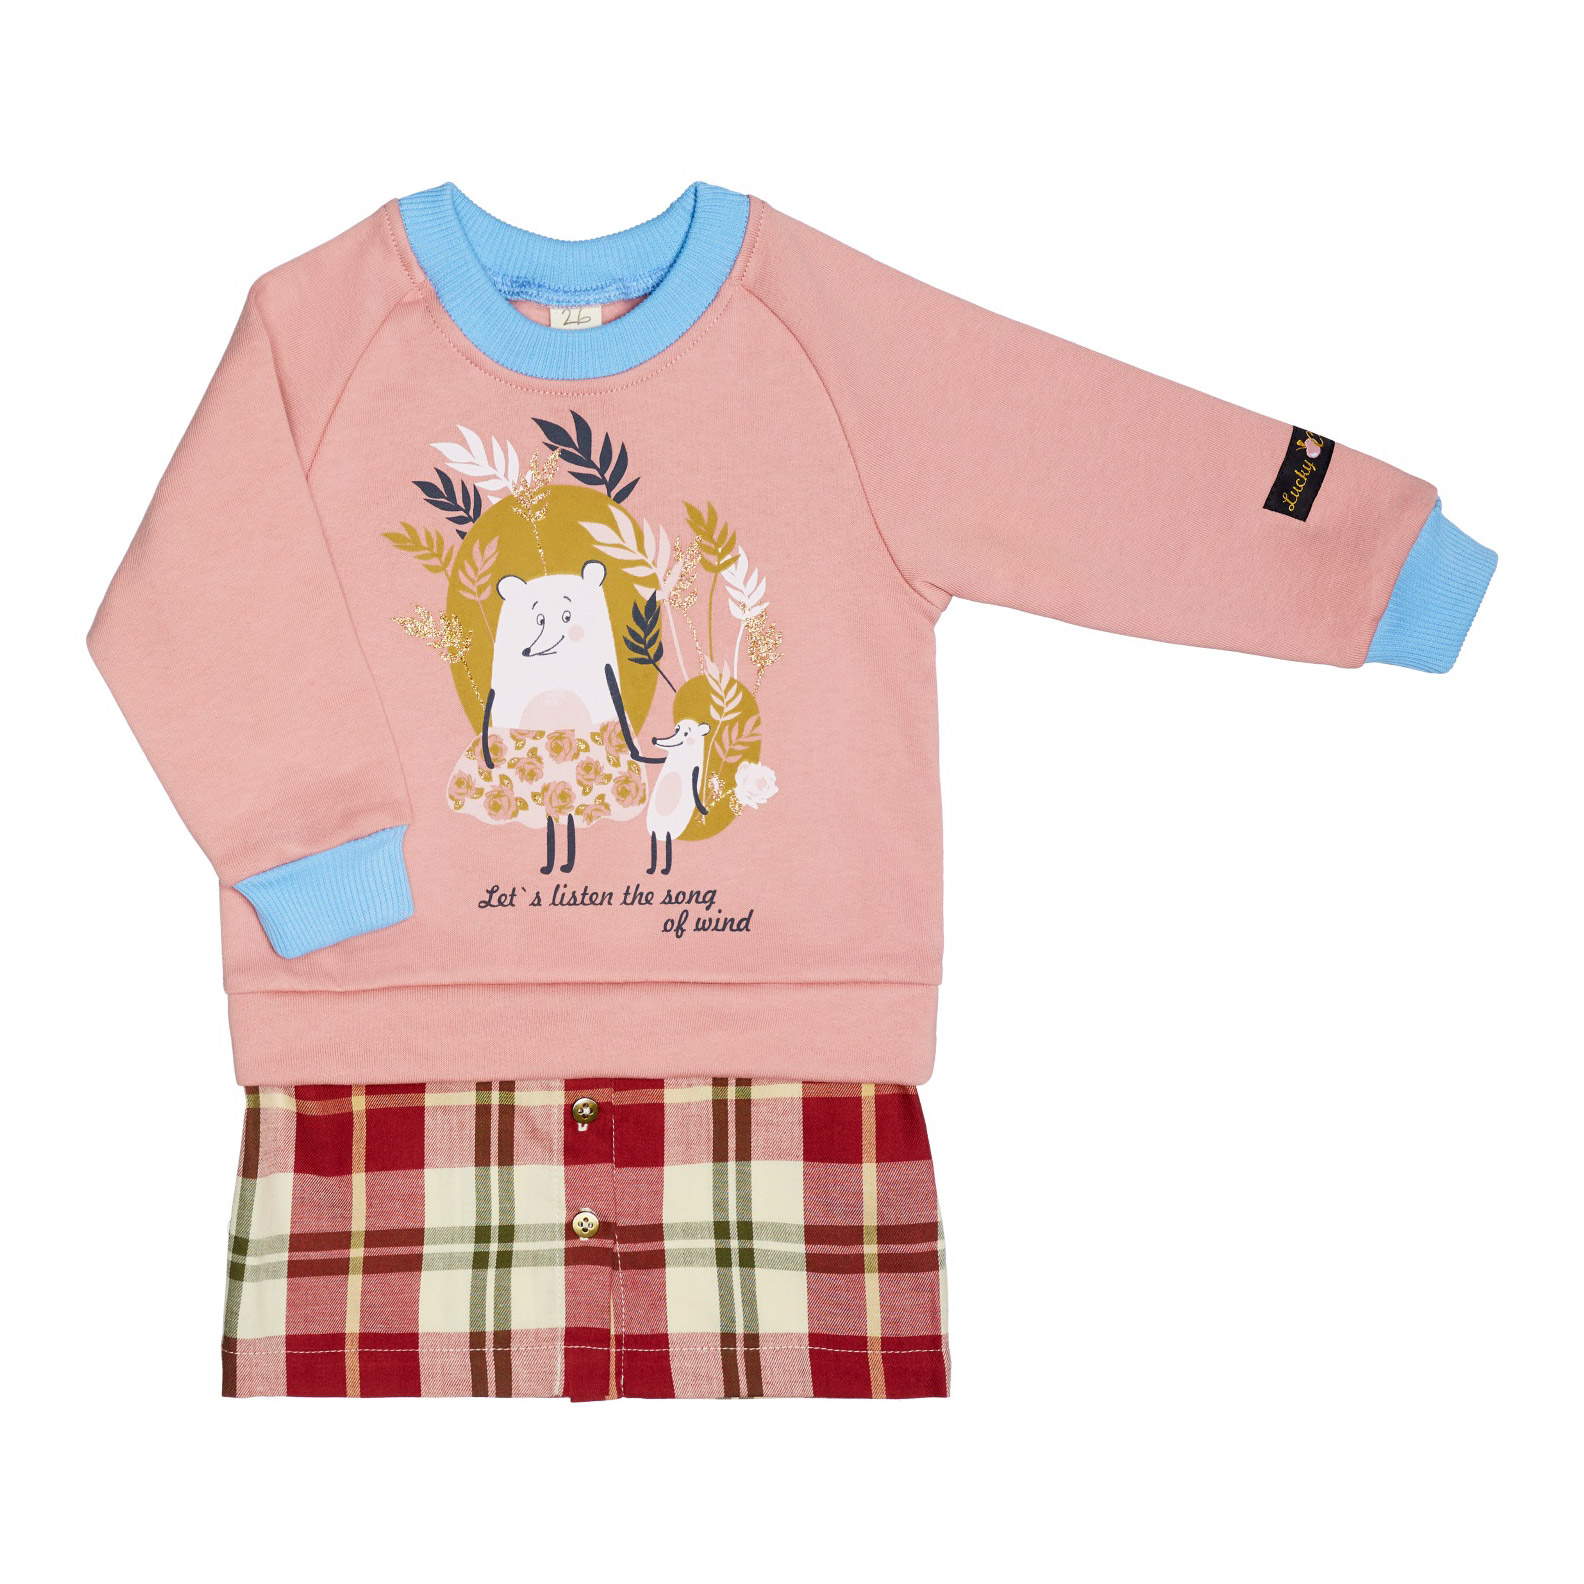 Купить Платье Lucky Child Осенний лес розовое 98-104, Розовый, Футер, Для девочек, Осень-Зима,